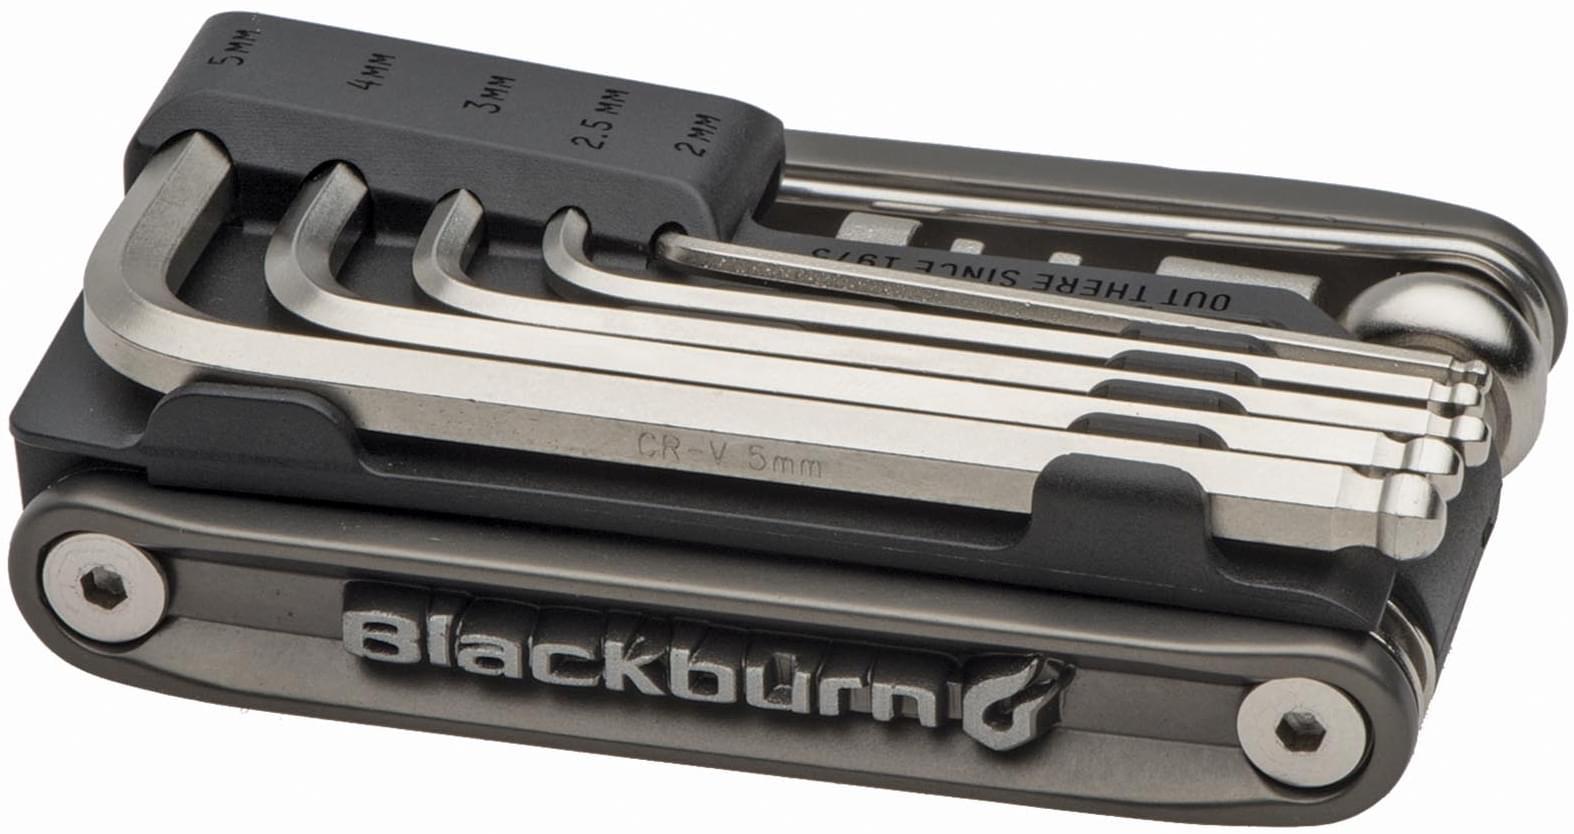 Blackburn Wayside Multi Tool uni